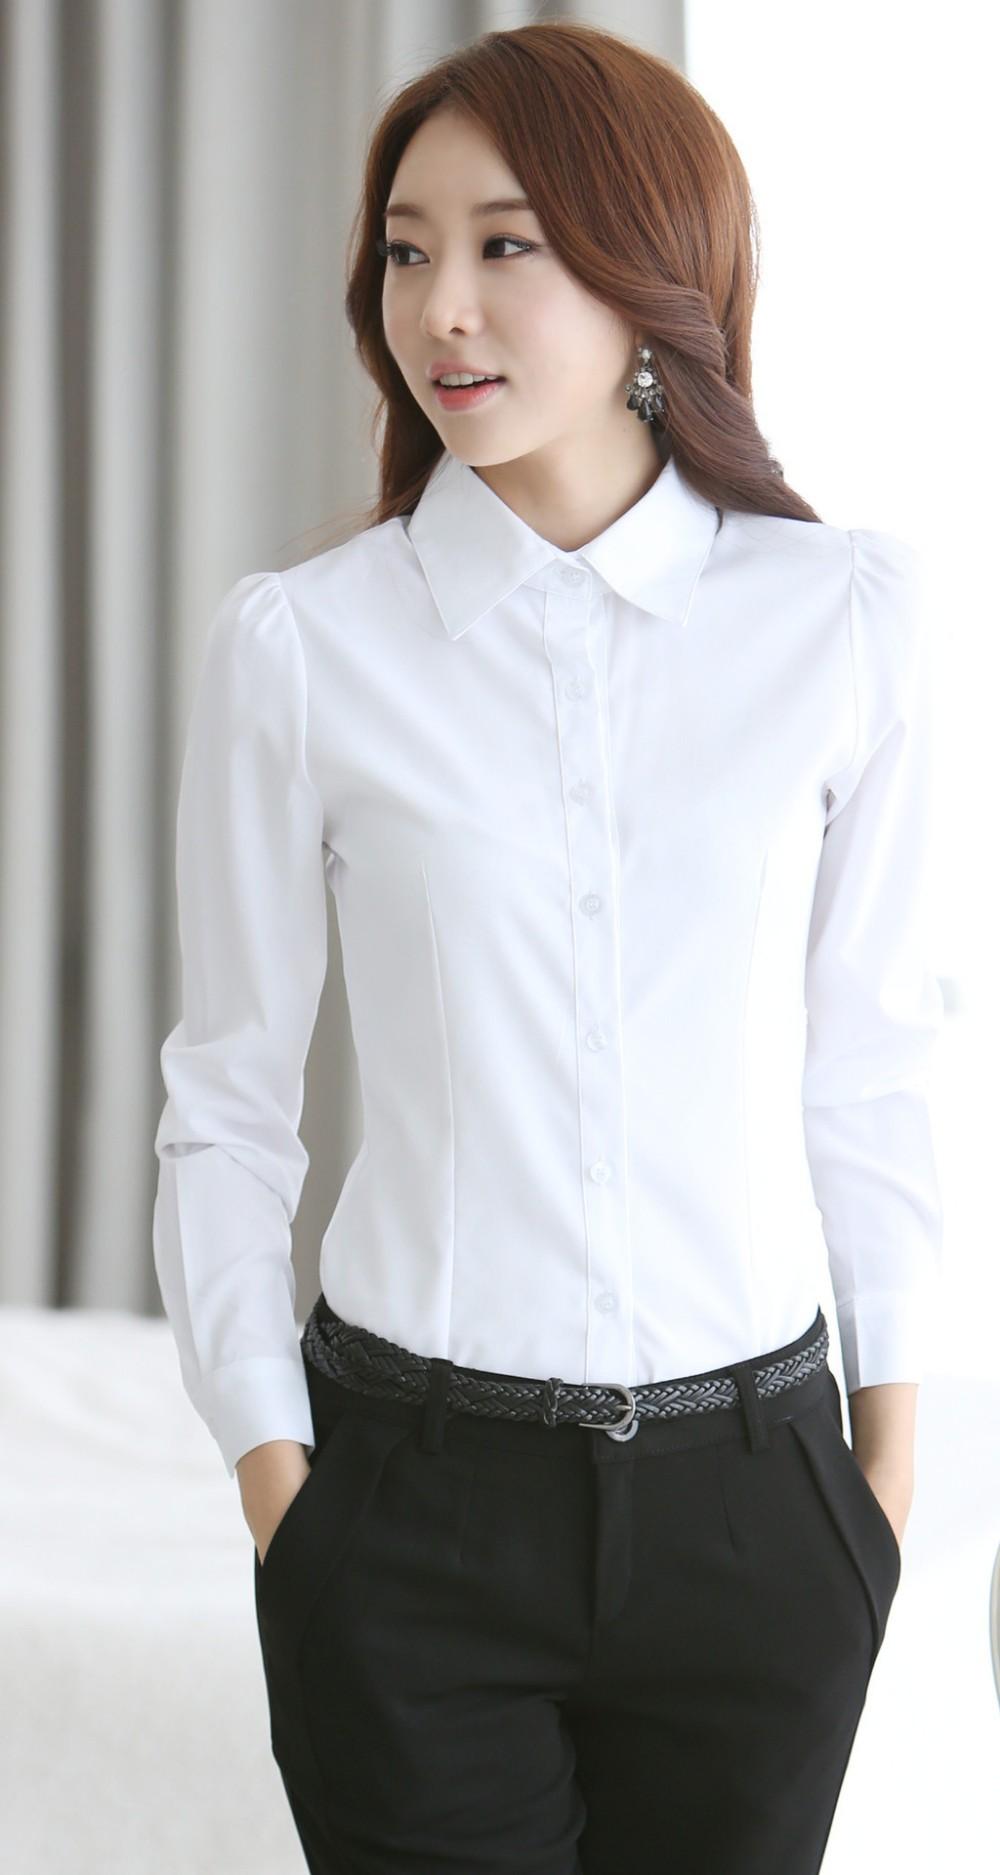 Корейские Блузки В Уфе